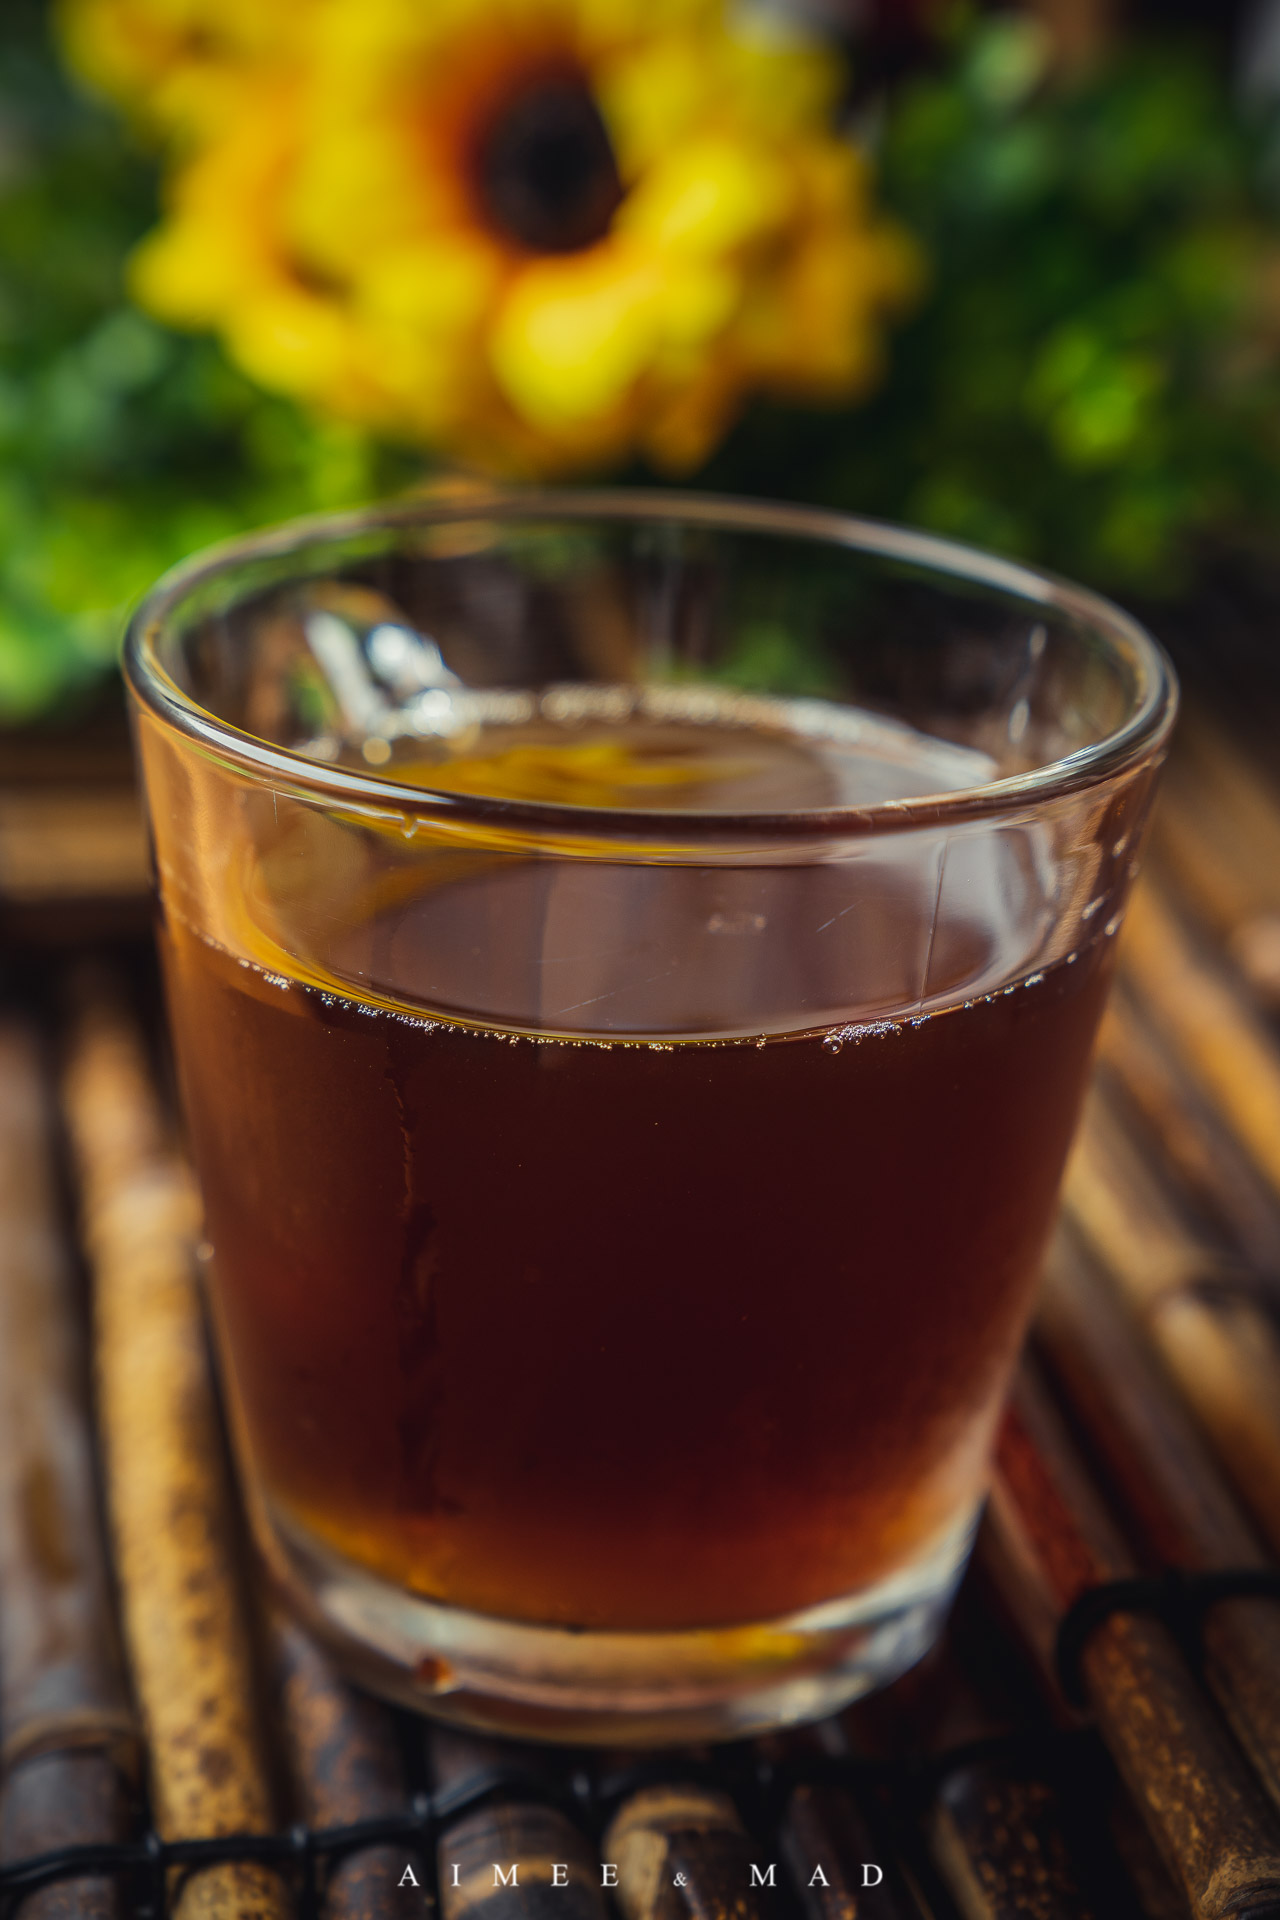 【黃家紅茶】紅茶喝起來有咖啡味?順口好喝又省錢健康的夏日好飲品!